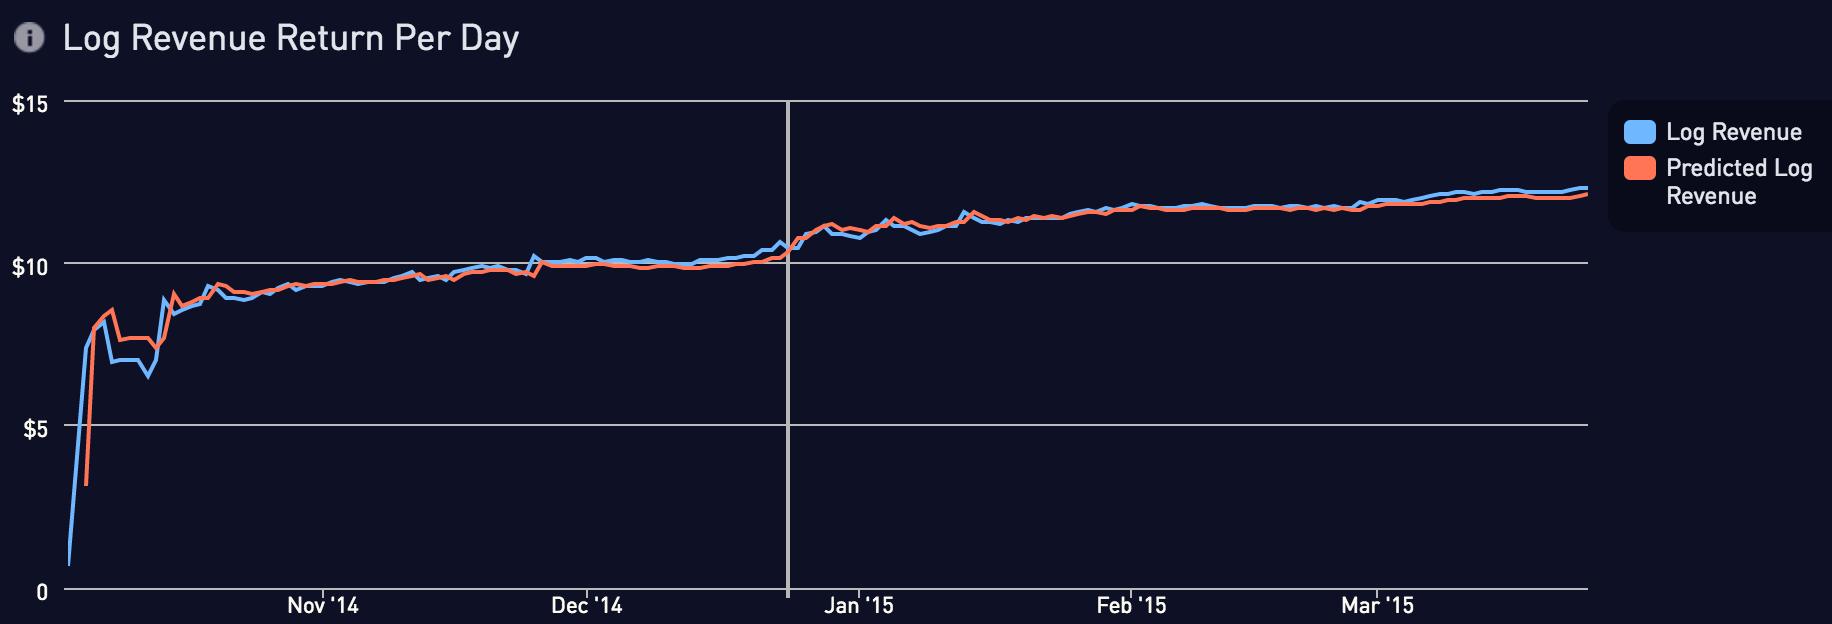 Log revenue return per day